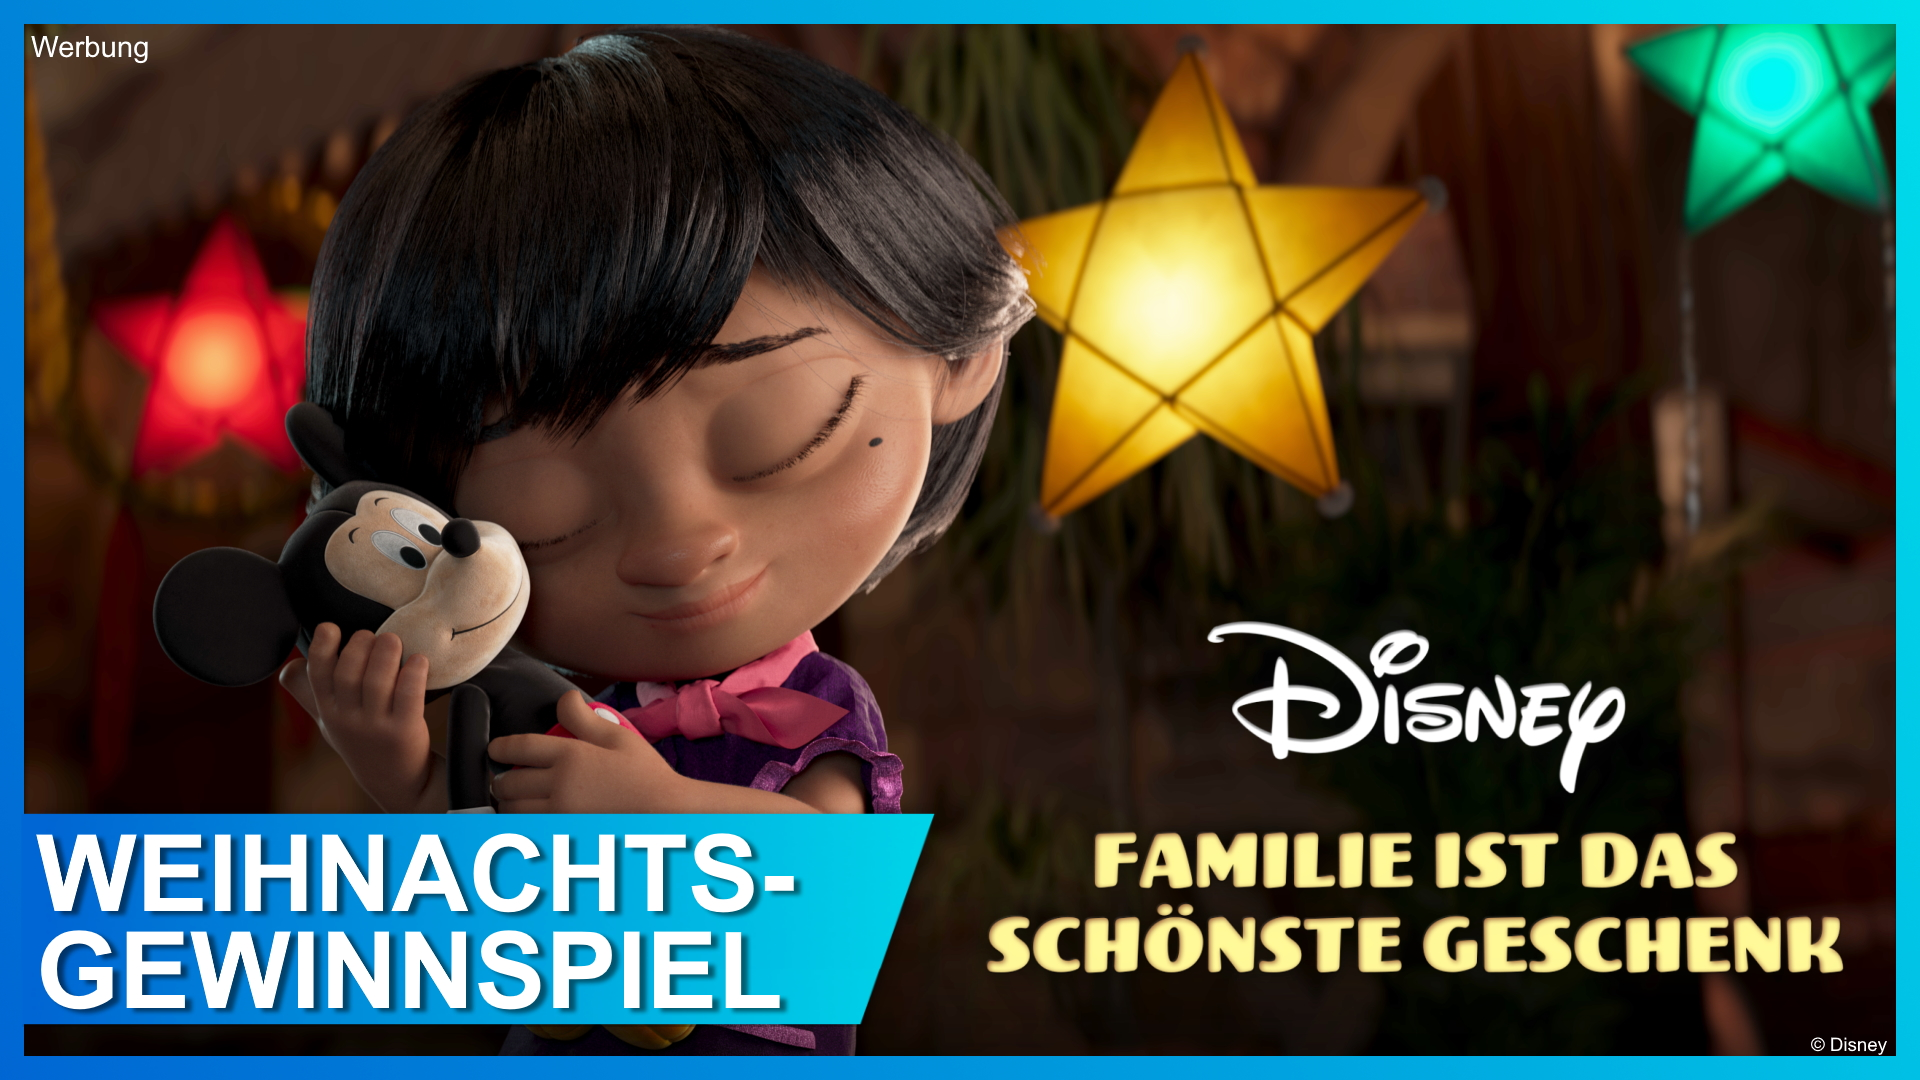 Disney Familie ist das schönste Geschenk